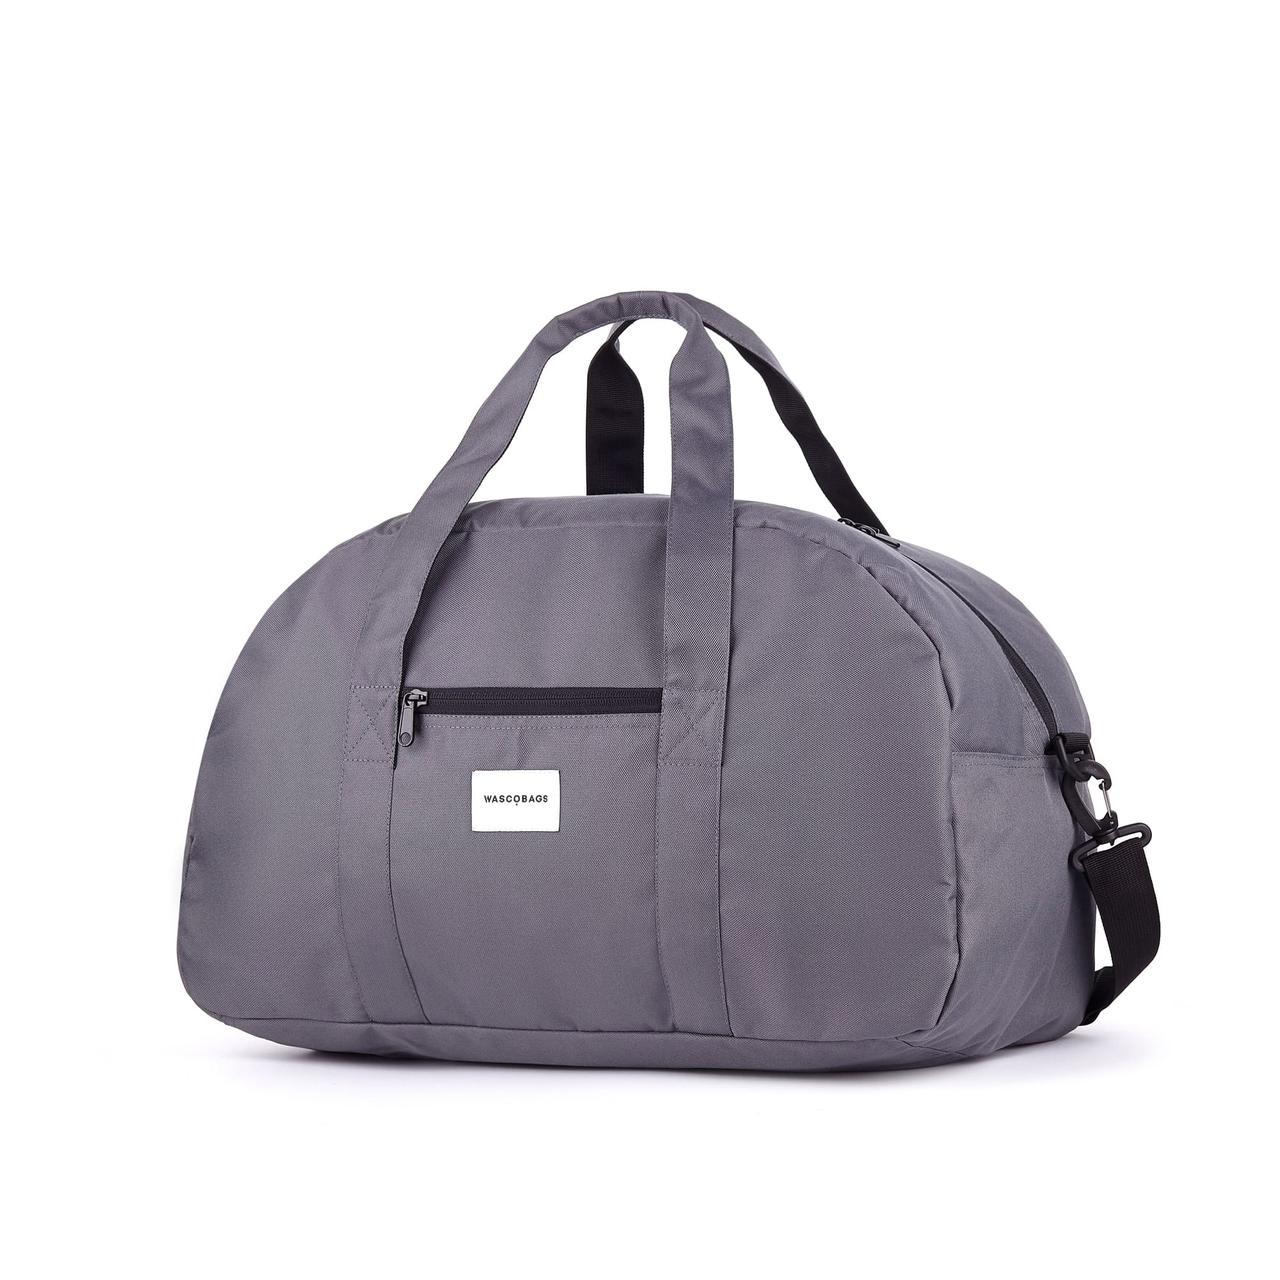 Дорожная сумка Wascobags Vienna Серая (36 L)